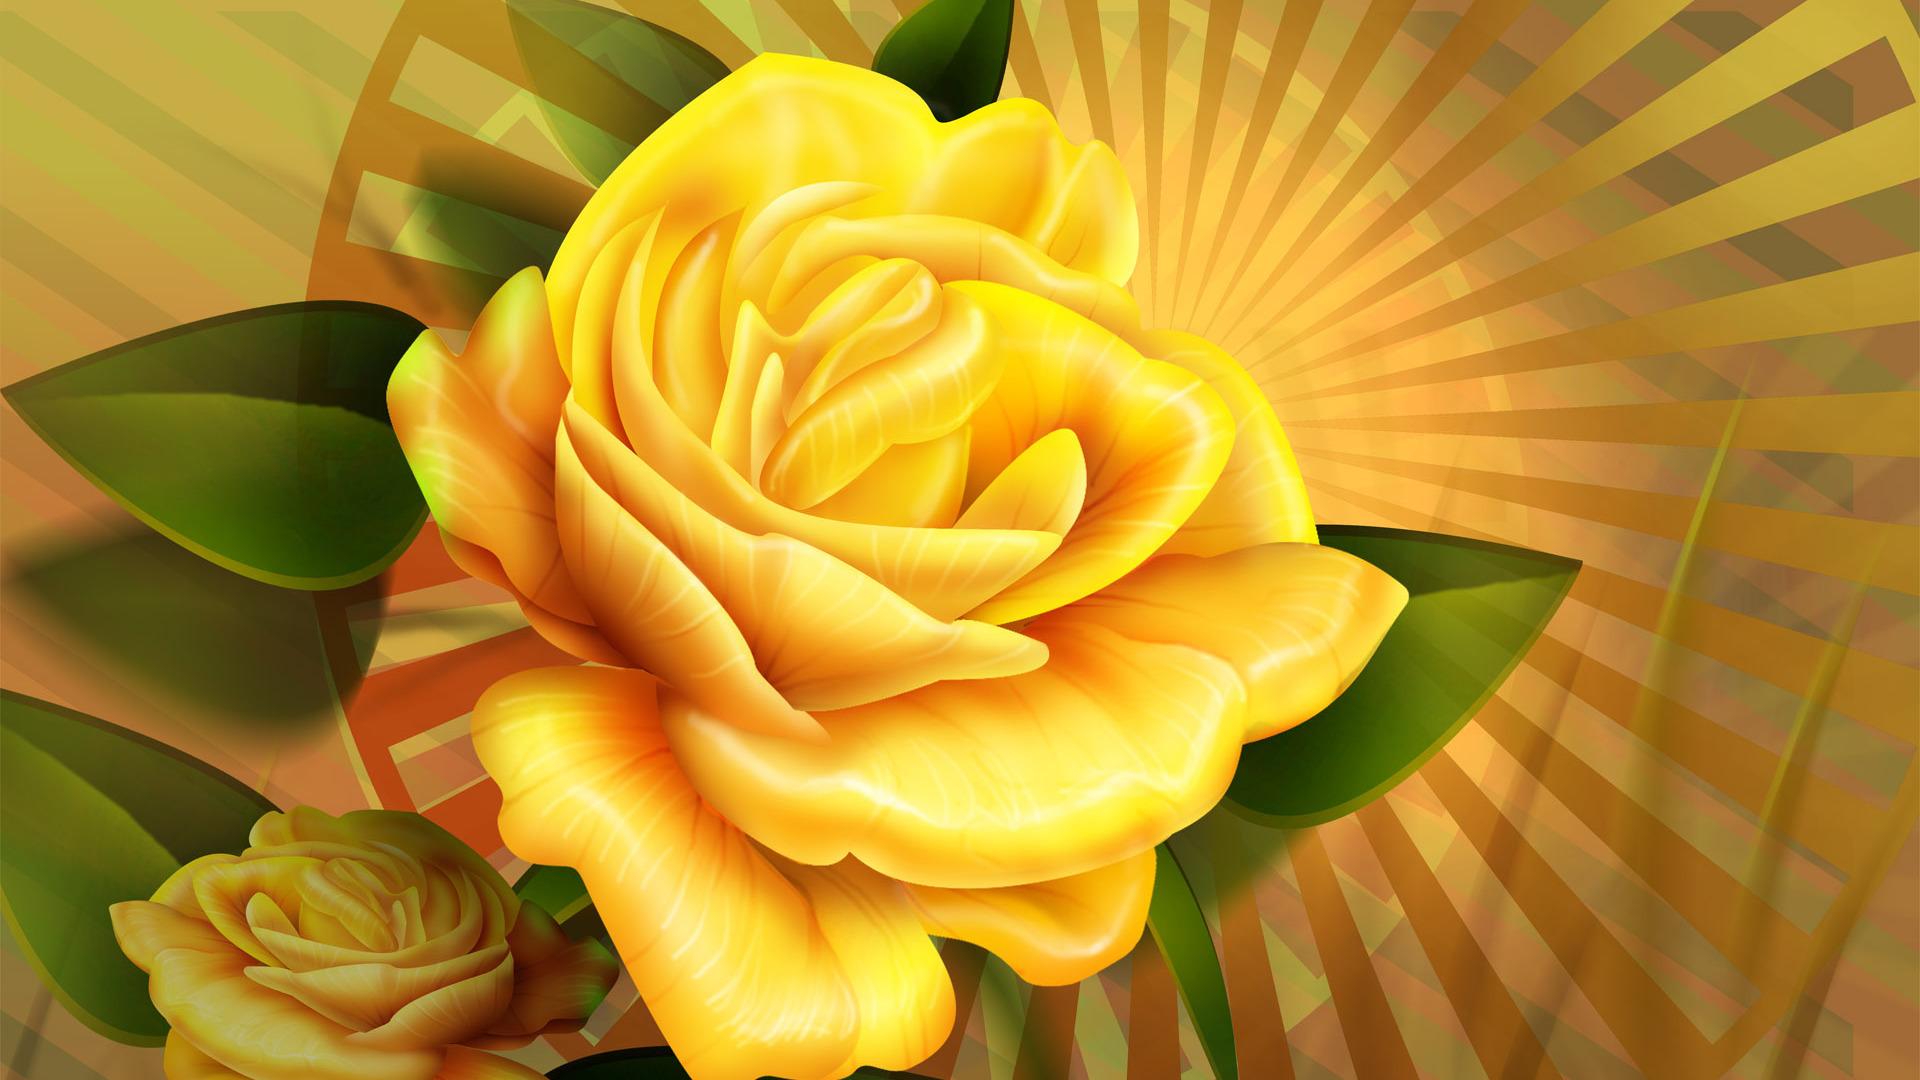 Yellow Roses Desktop Wallpaper WallpaperSafari